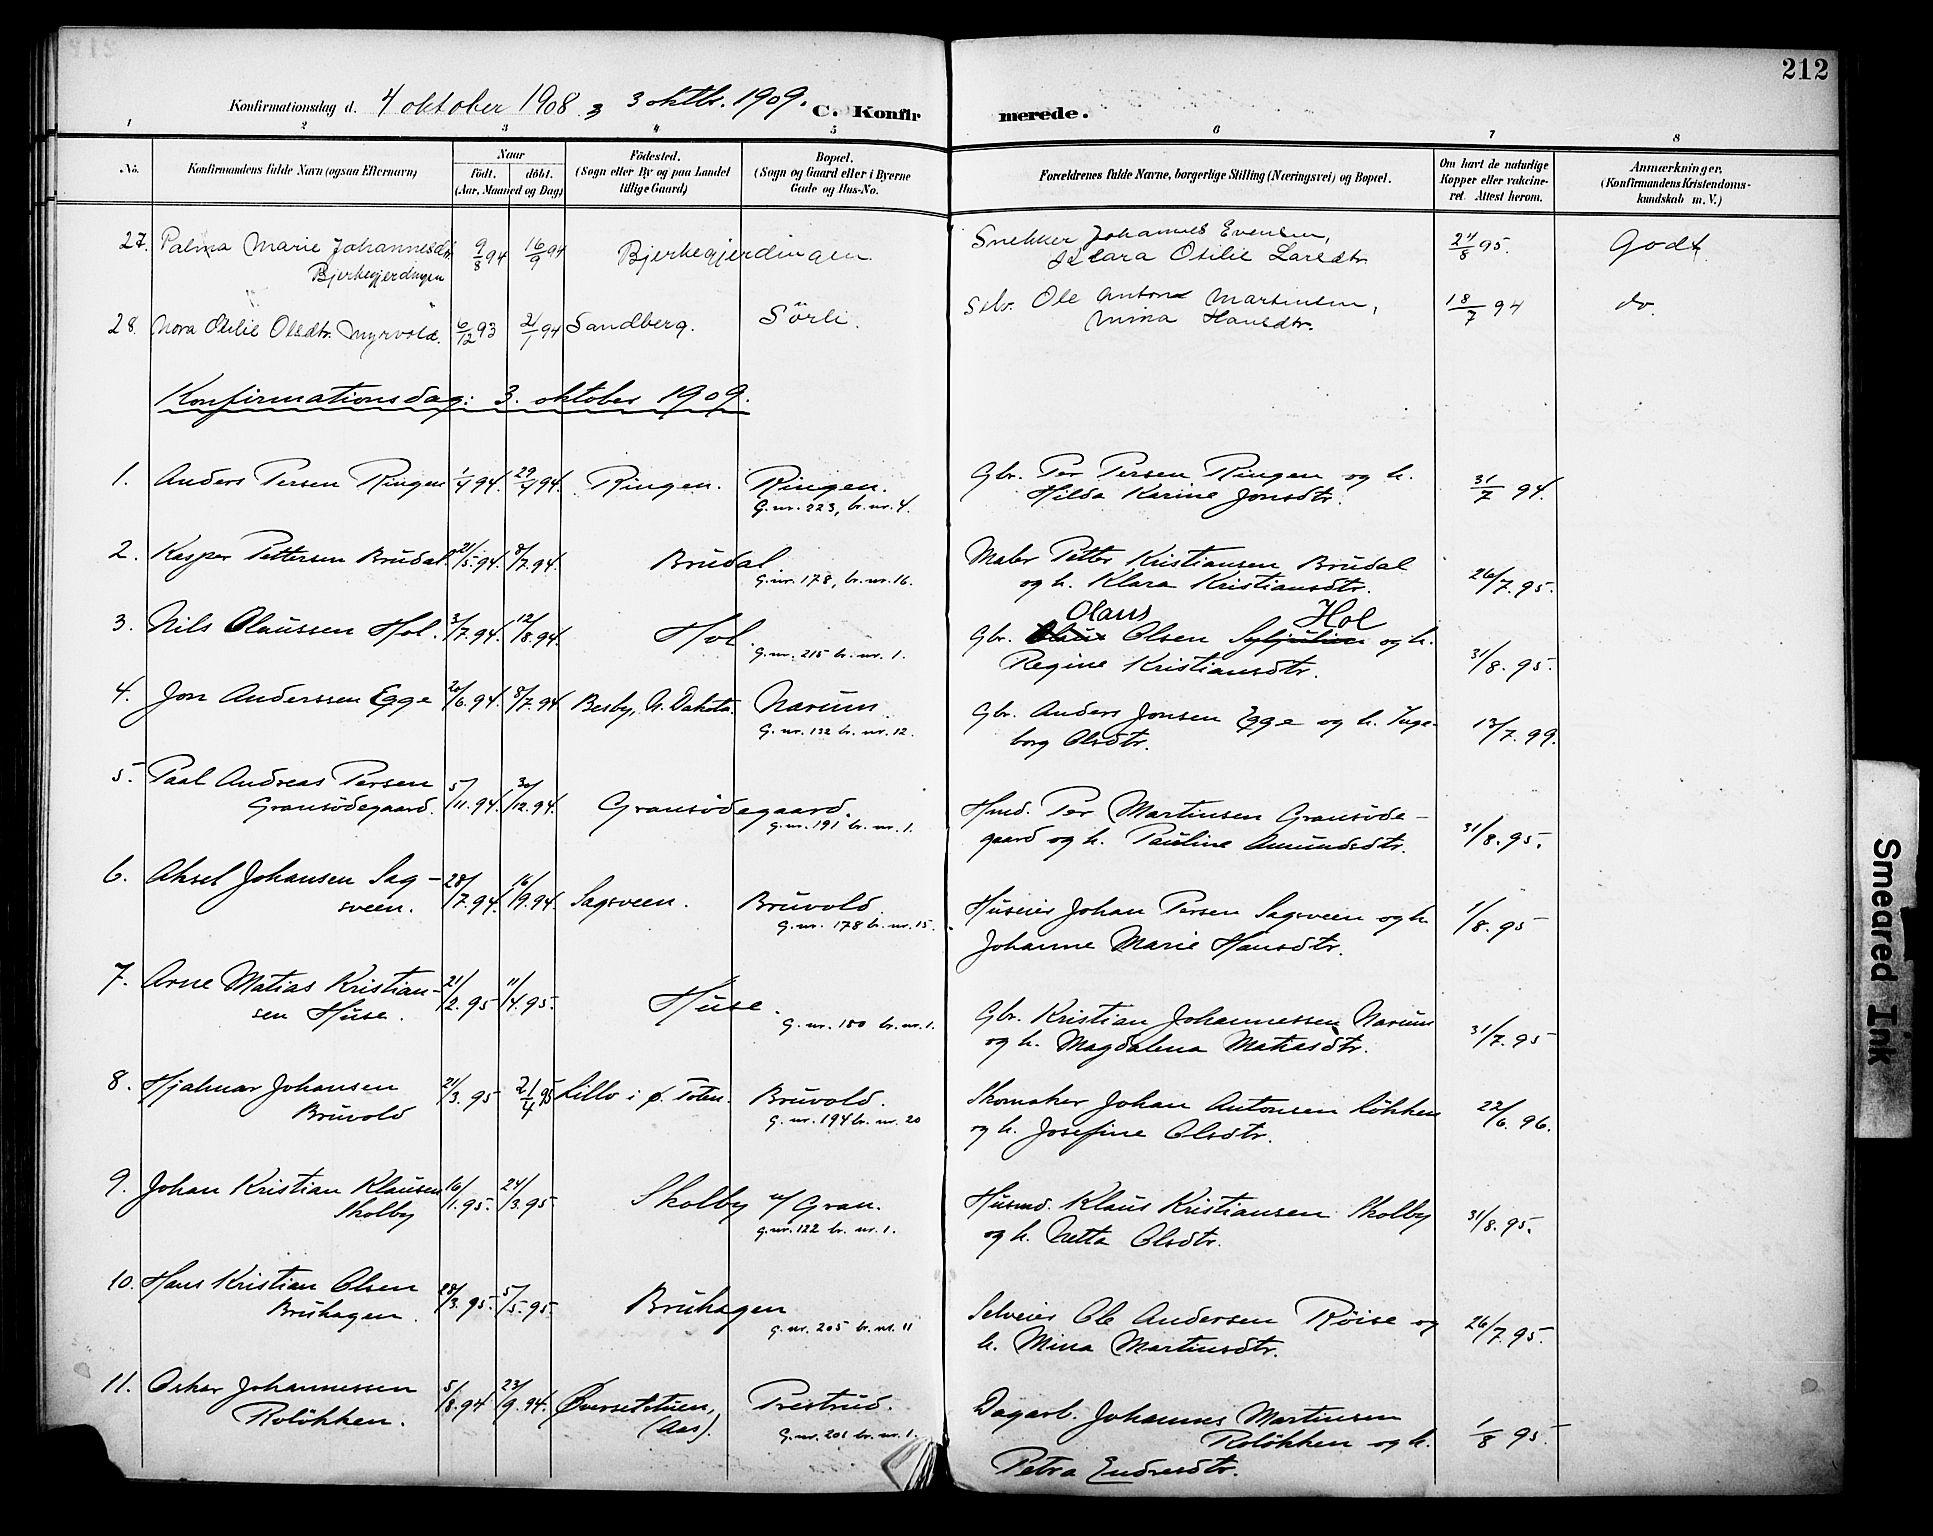 SAH, Vestre Toten prestekontor, Ministerialbok nr. 13, 1895-1911, s. 212